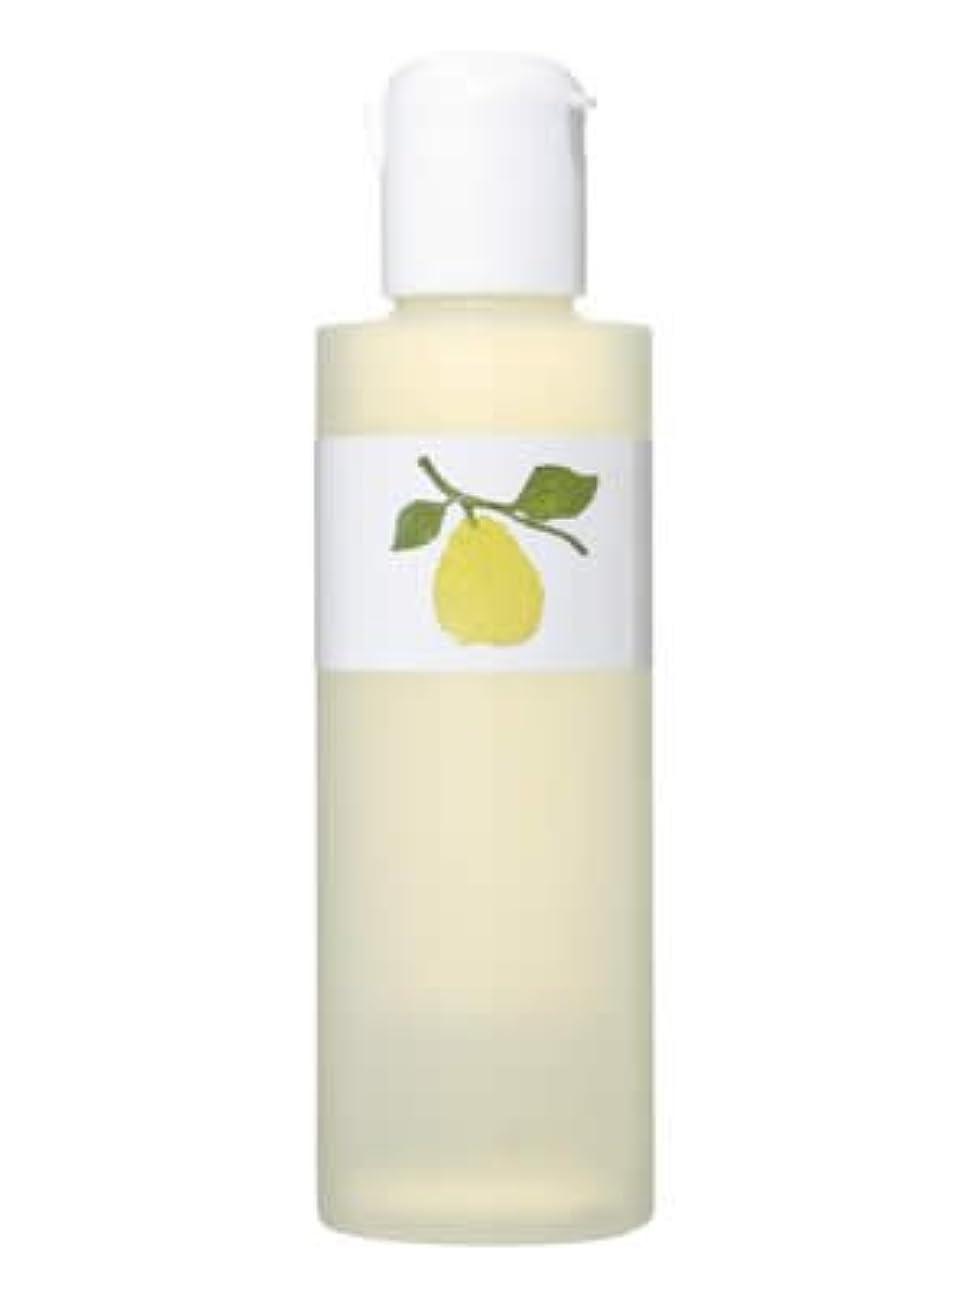 二年生ブラインド飲み込む花梨の化粧水 200ml